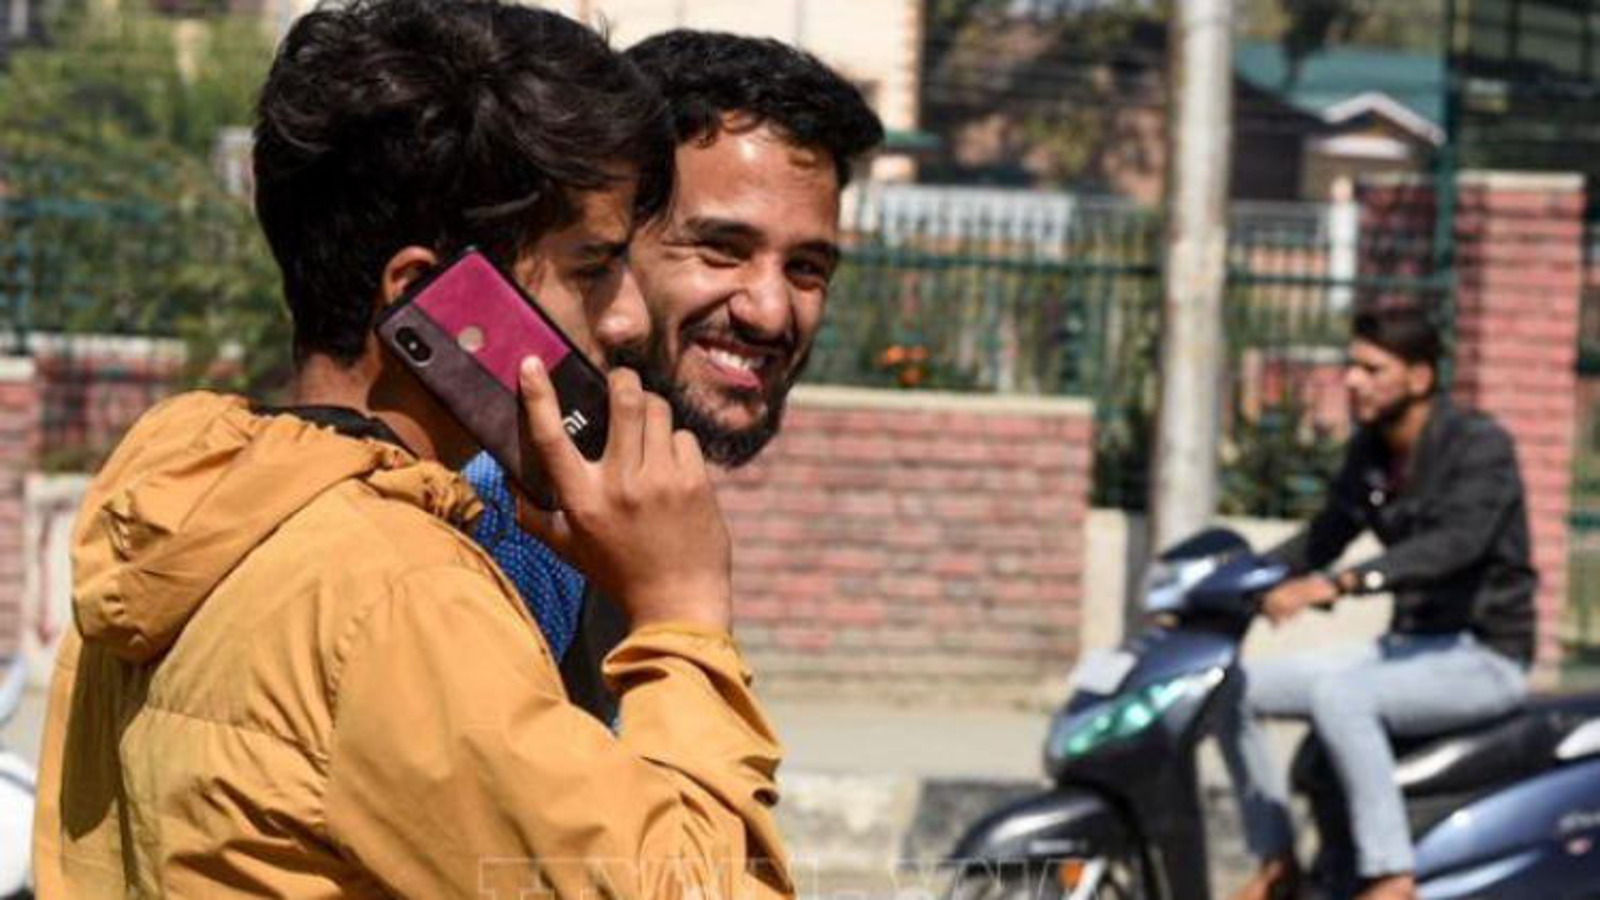 Ấn Độ khôi phục dịch vụ di động 4G tại Jammu và Kashmir sau gần 2 năm